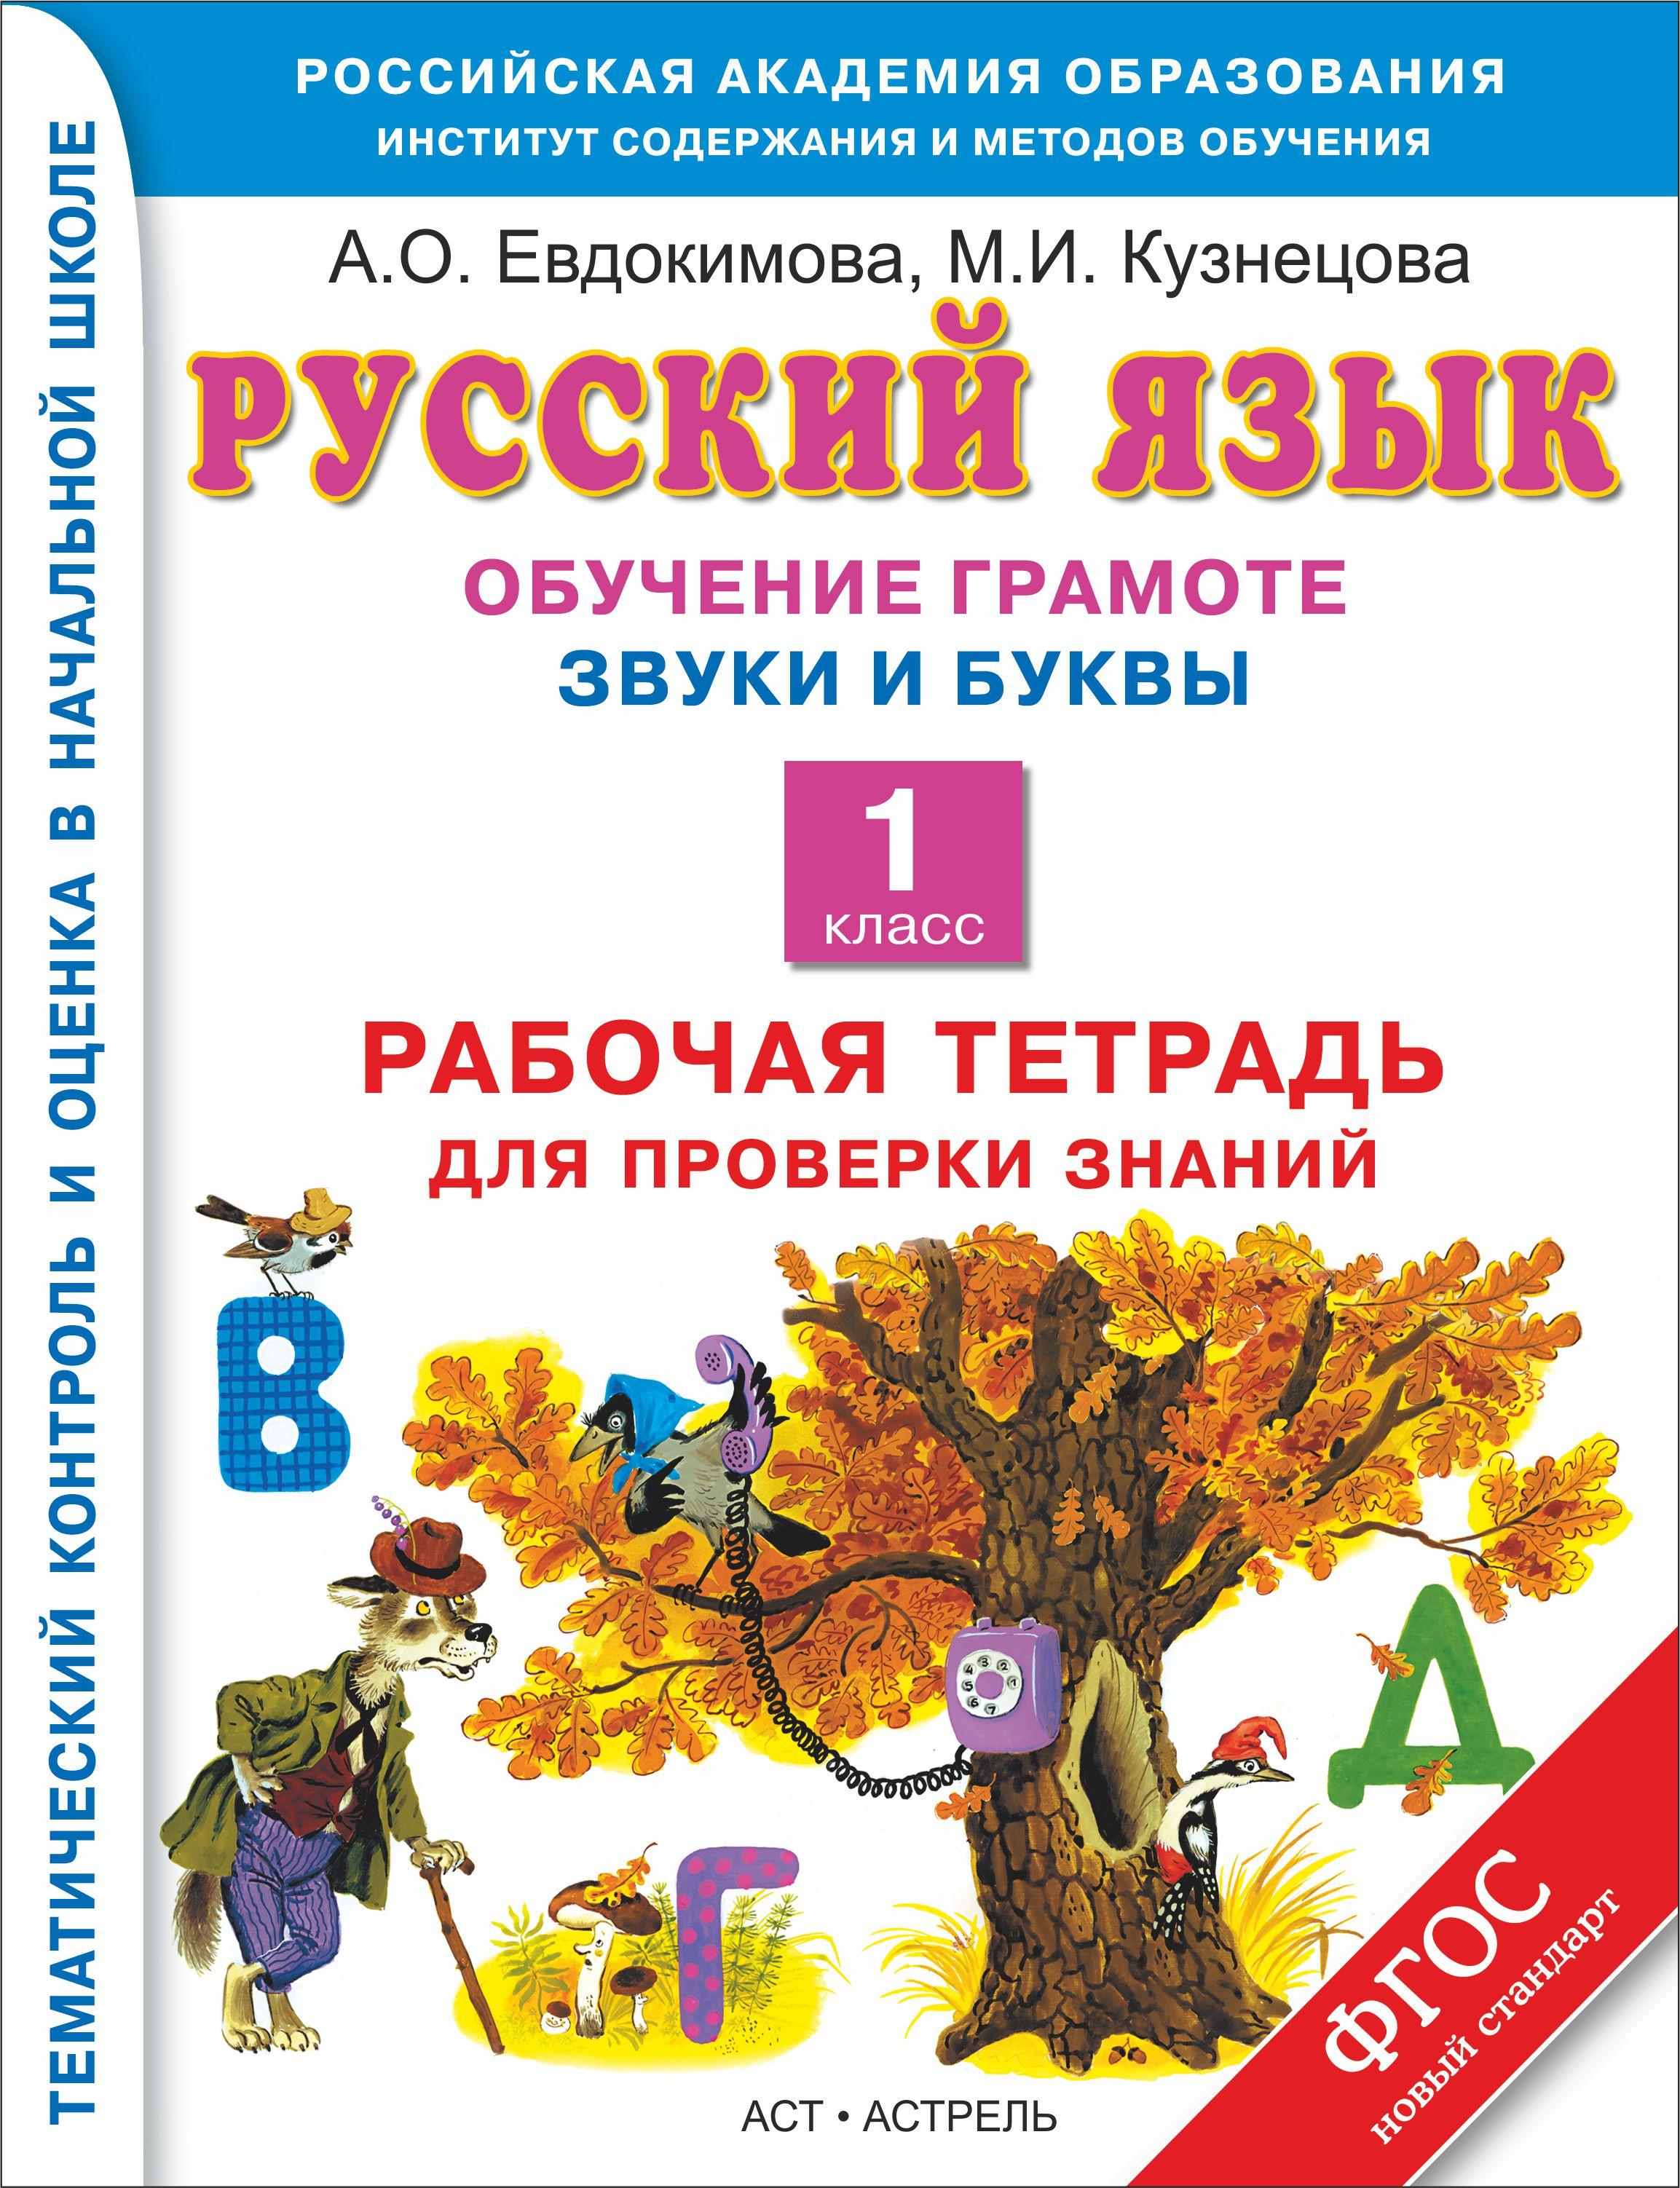 Русский язык. Обучение грамоте. Звуки и буквы. 1 класс. Рабочая тетрадь для проверки знаний